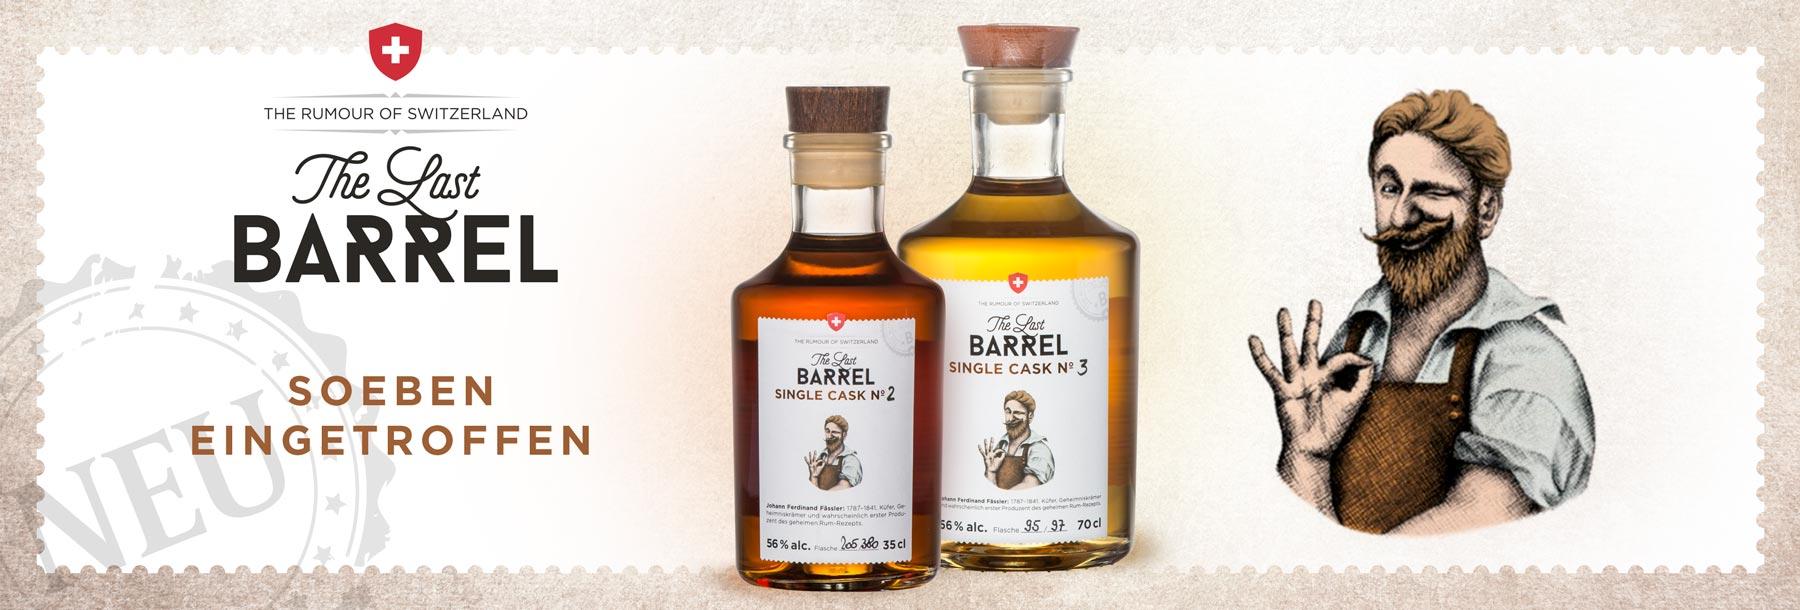 Last Barrel Single Cask neu eingetroffen Rum aus der Schweiz Zuckerrübe